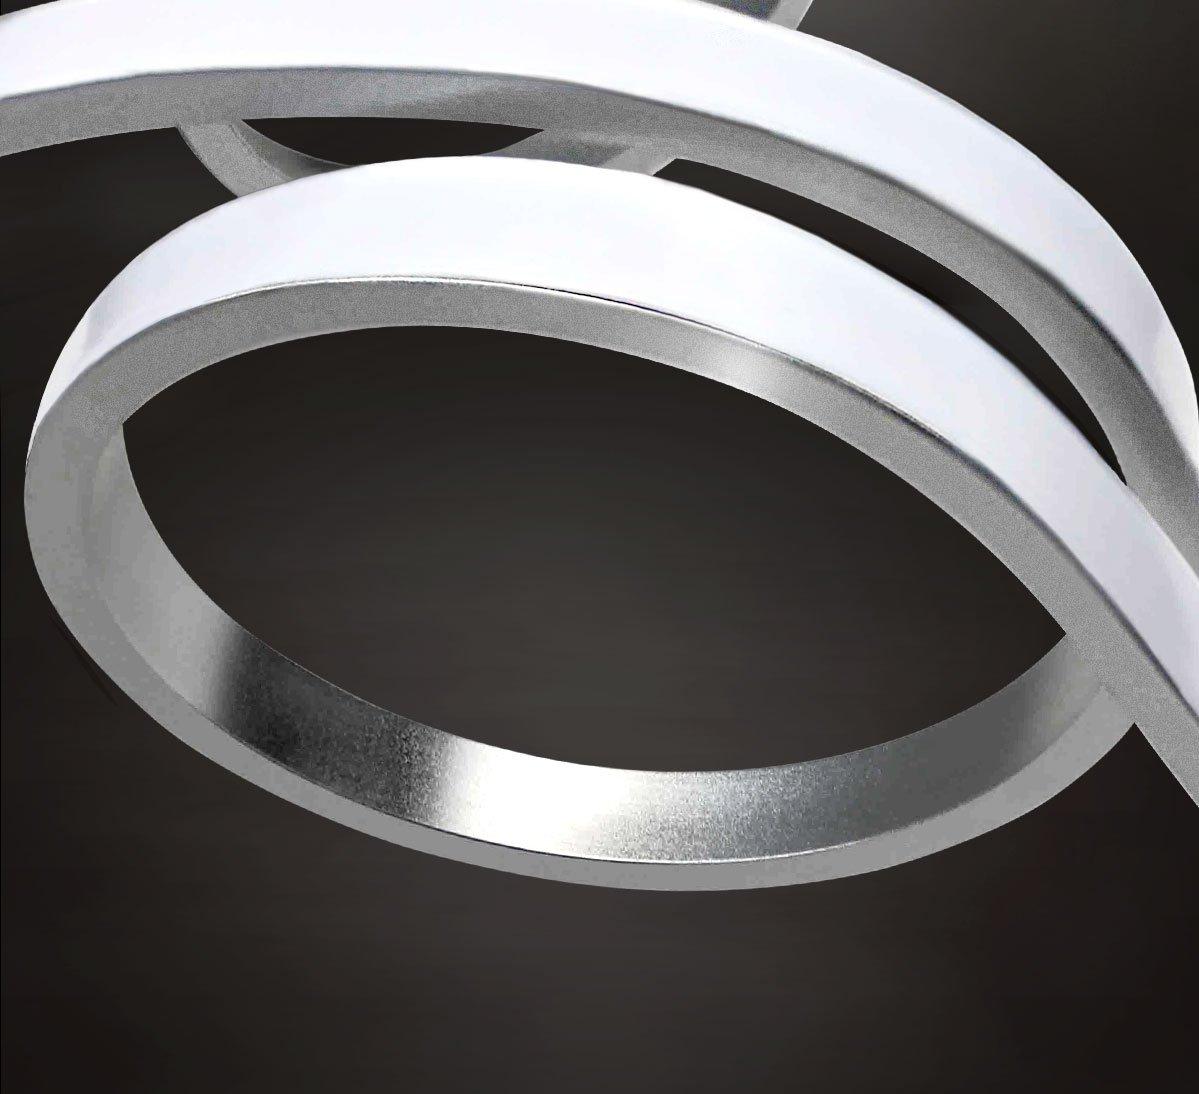 XXL LED Deckenlampe Deckenleuchte Kronleuchter Wohnzimmer Warmwei/ß Luxus Design L/üster Spirale Form 8 Arme Modern 81cm Lewima Inflexum